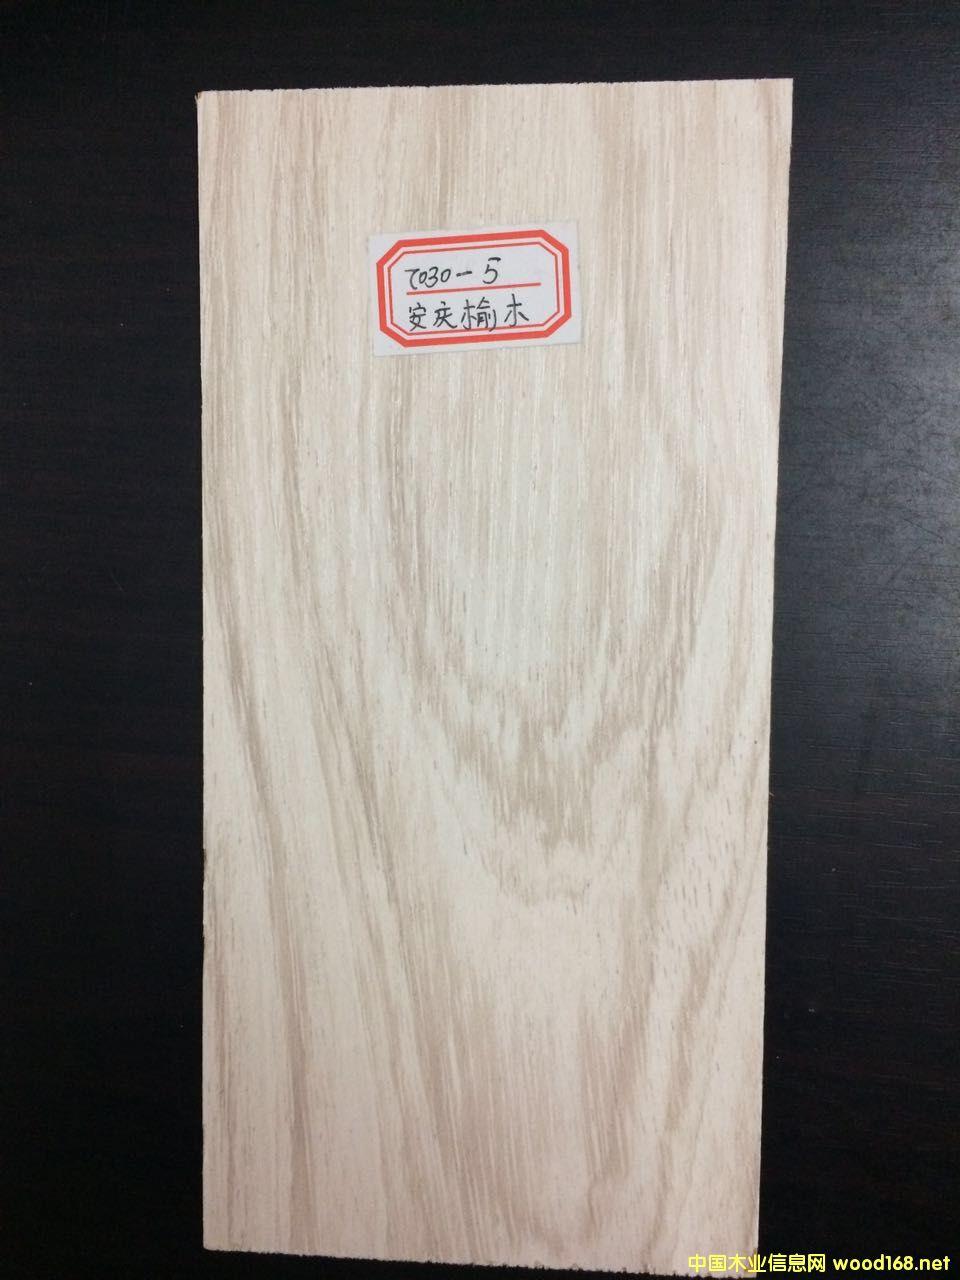 生态板-安庆榆木的详细介绍